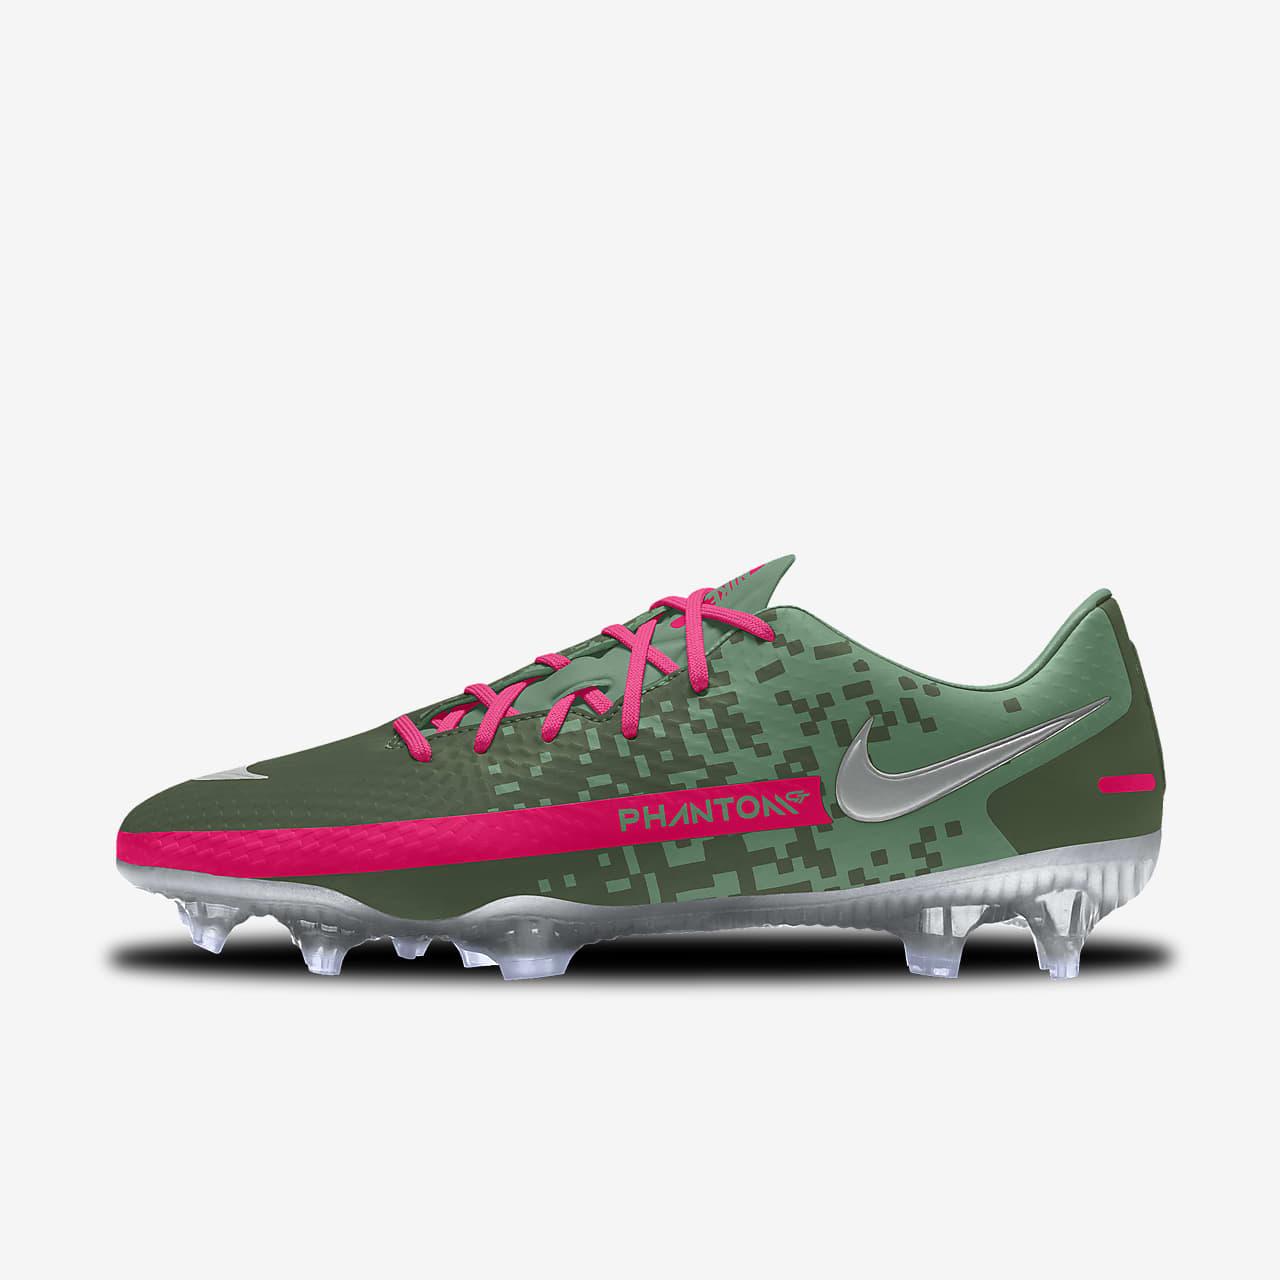 Personalizowane korki piłkarskie na różne typy nawierzchni Nike Phantom GT Academy By You